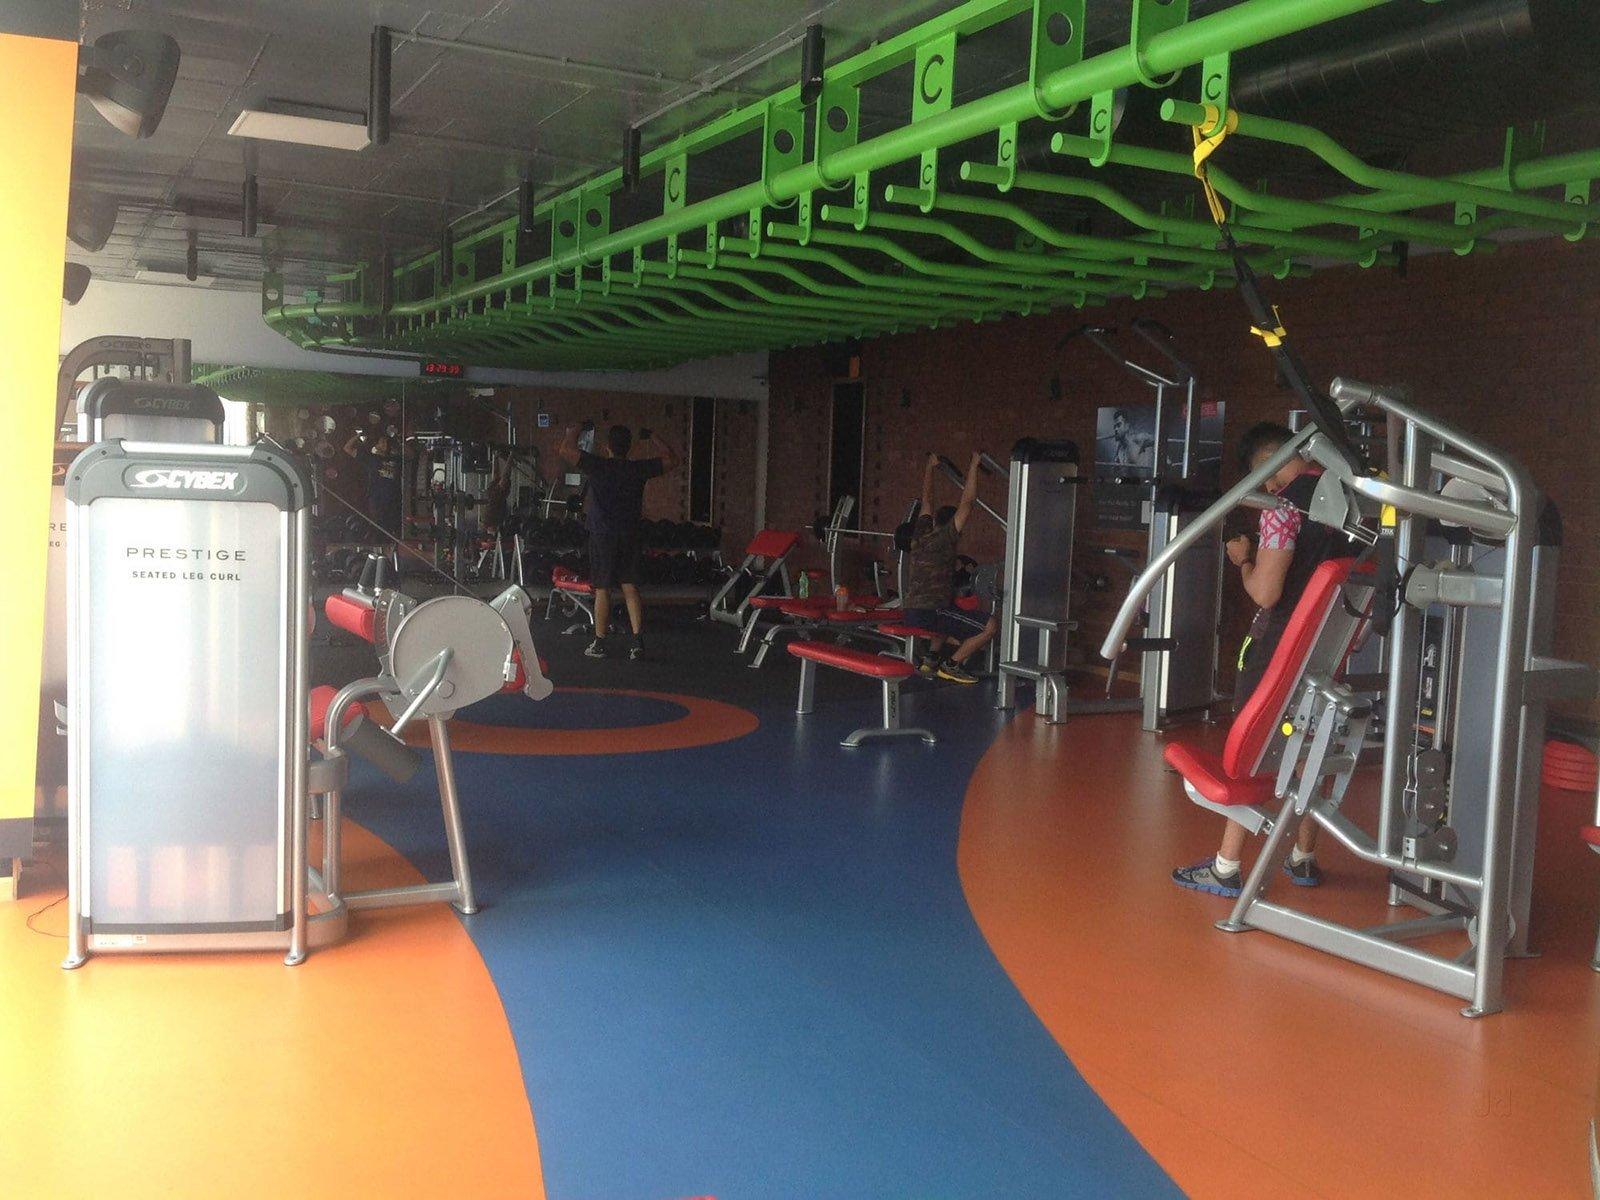 Chisel-fitness-Priyadarshini Vihar (3)